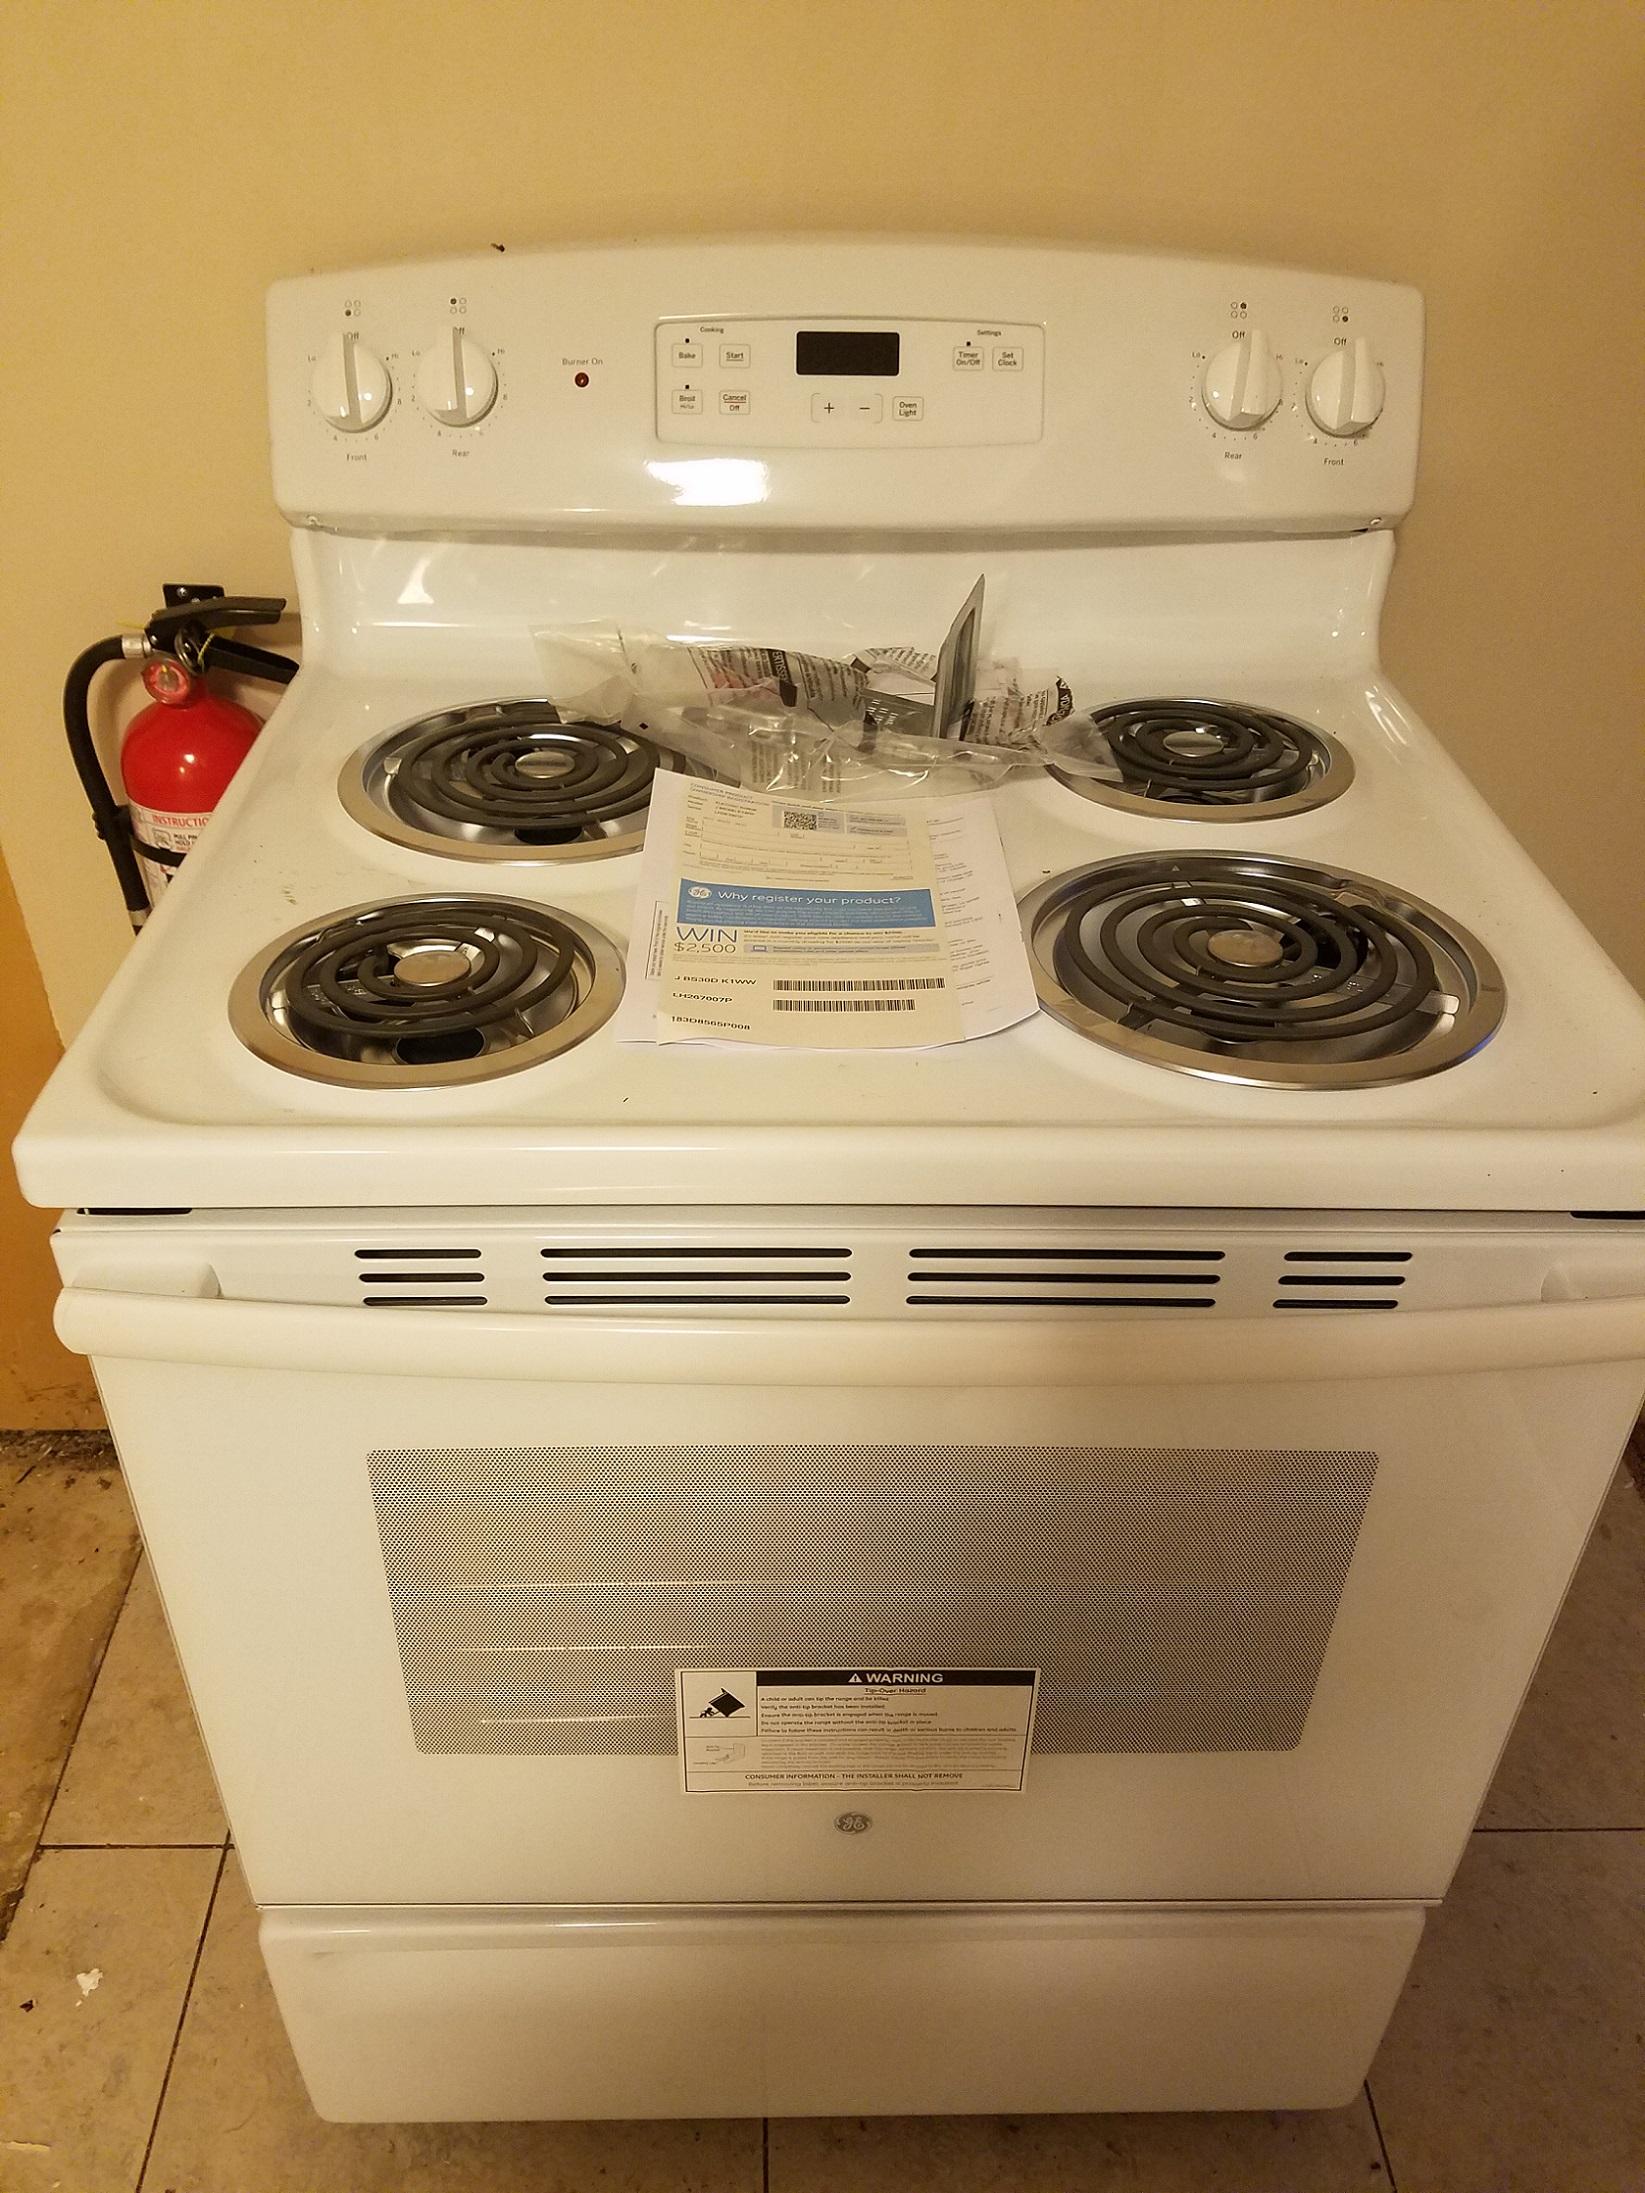 Ogłoszenie darmowe. Lokalizacja:  Lawrenceville. KUPIĘ / SPRZEDAM - Artykuły domowe. sprzedam nowa kuchenke elektryczna Model.